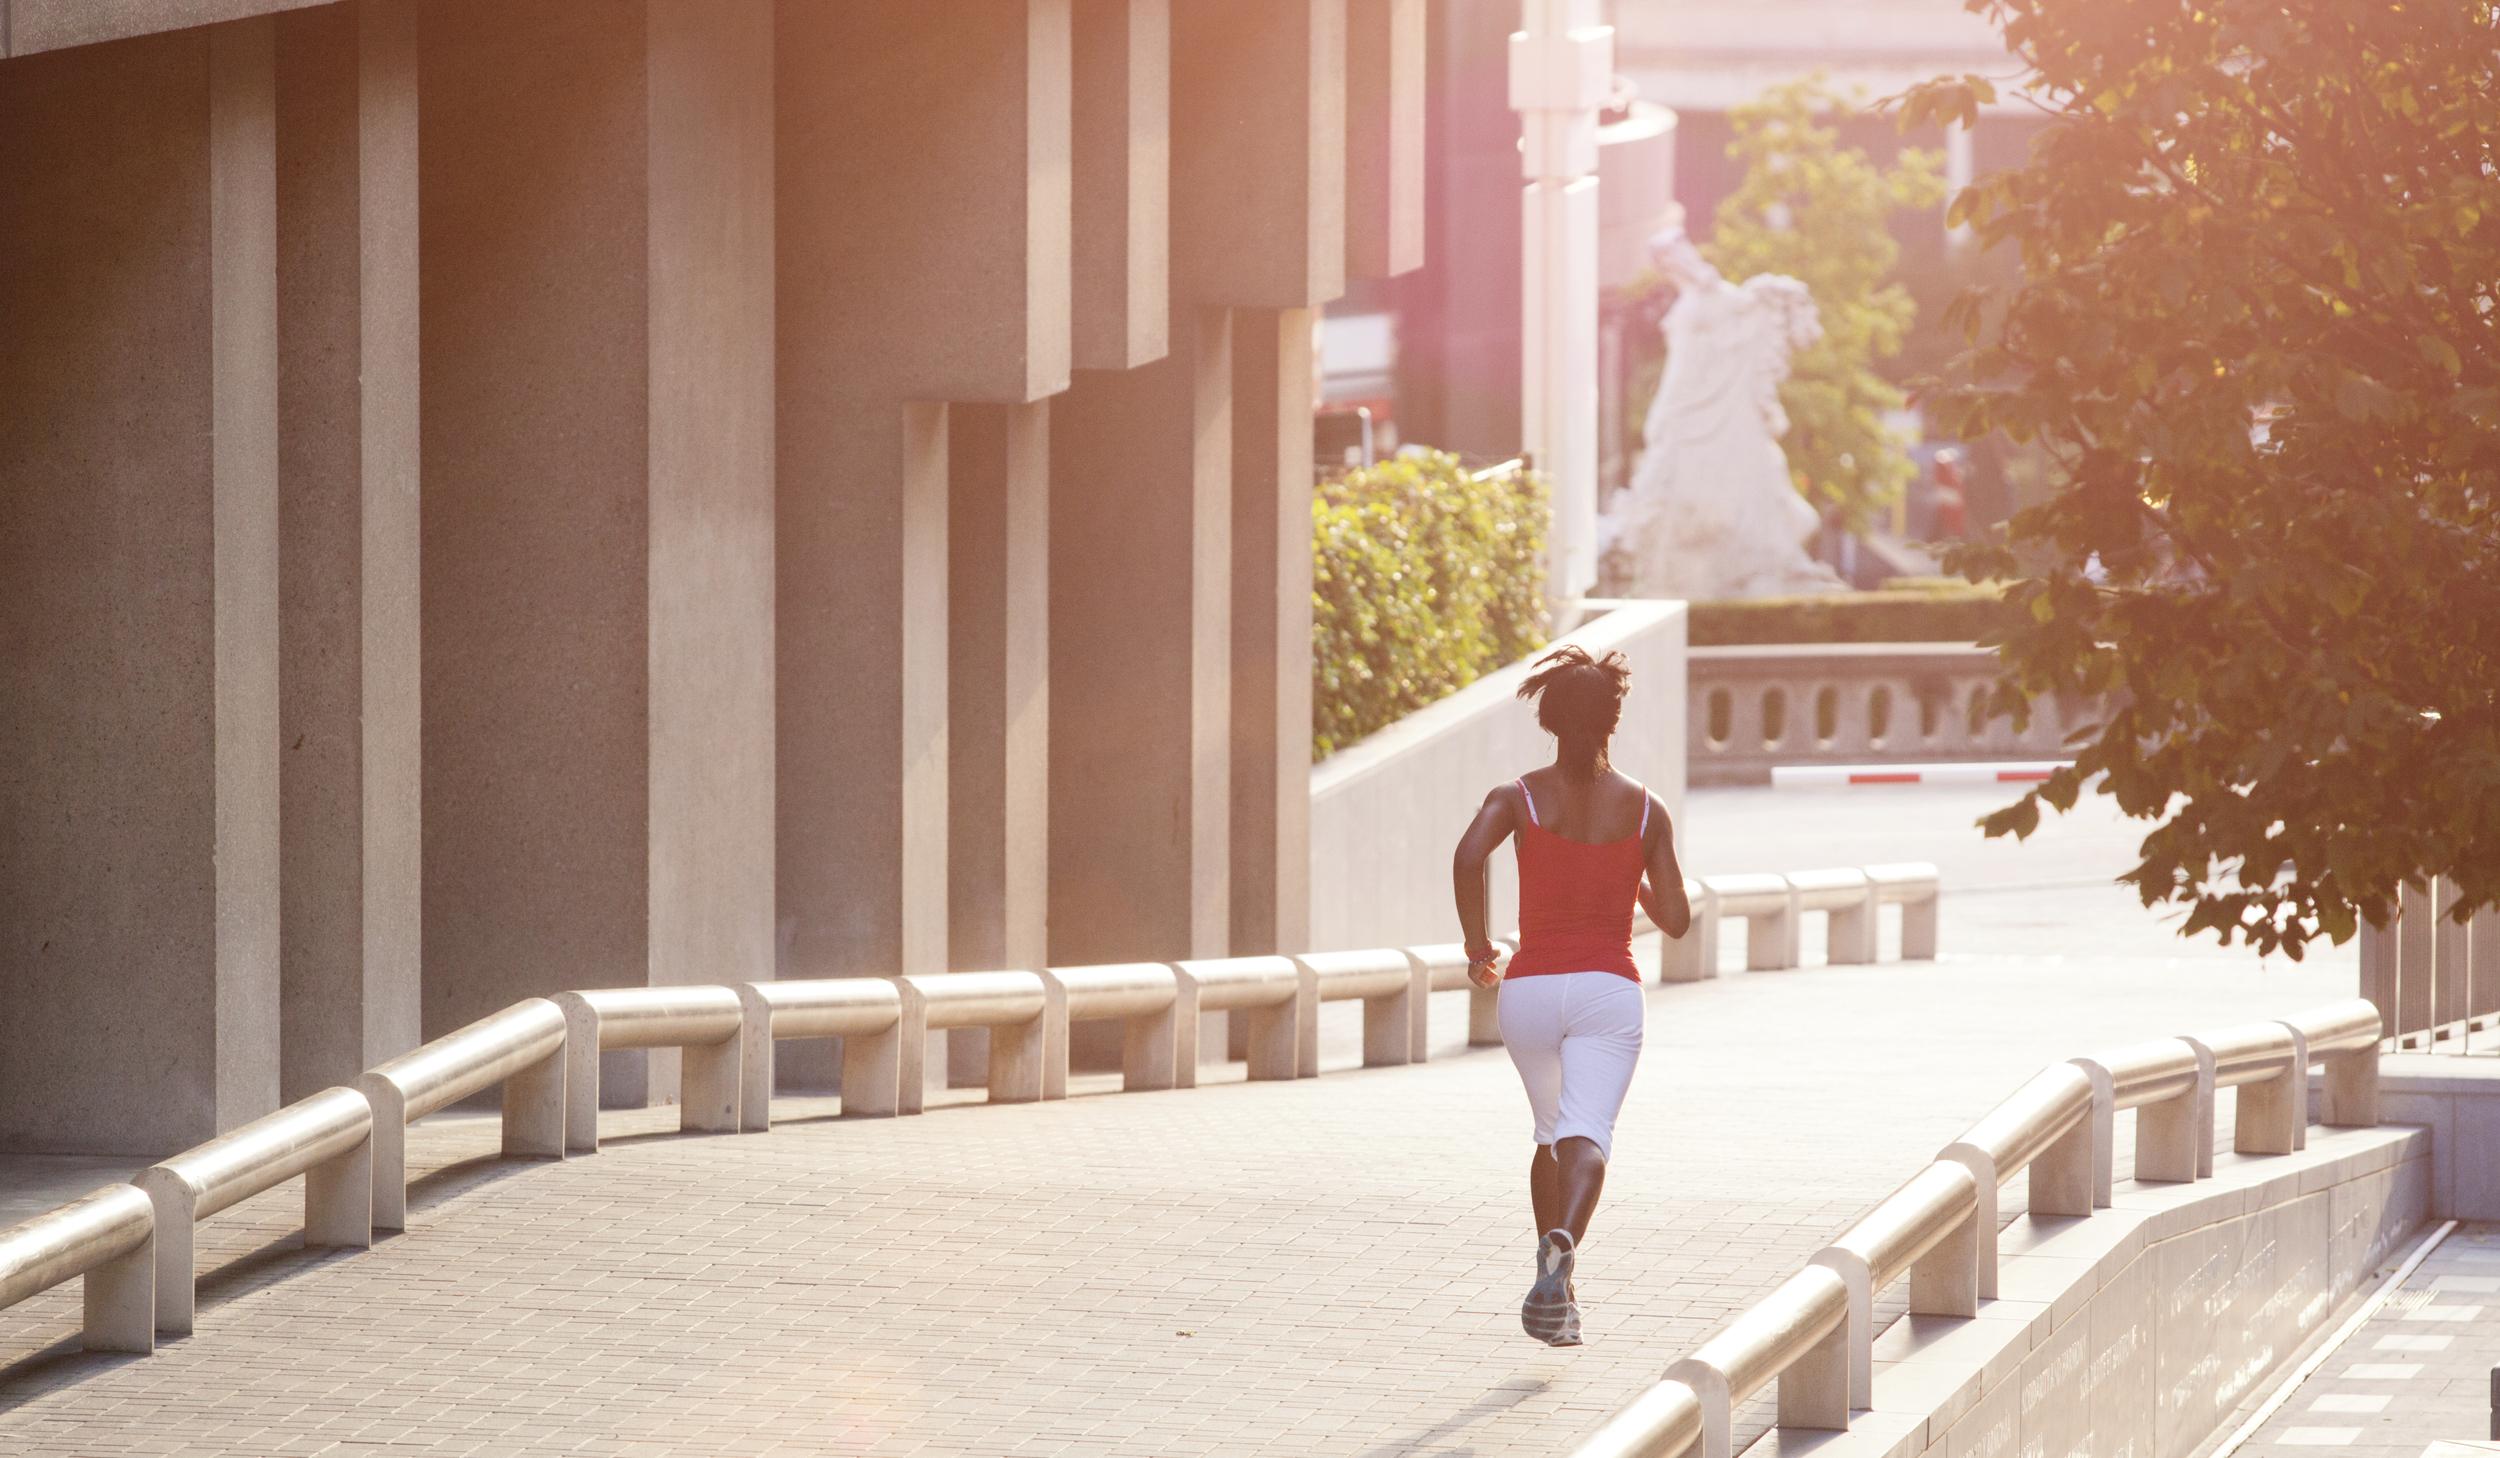 GV_spring runner